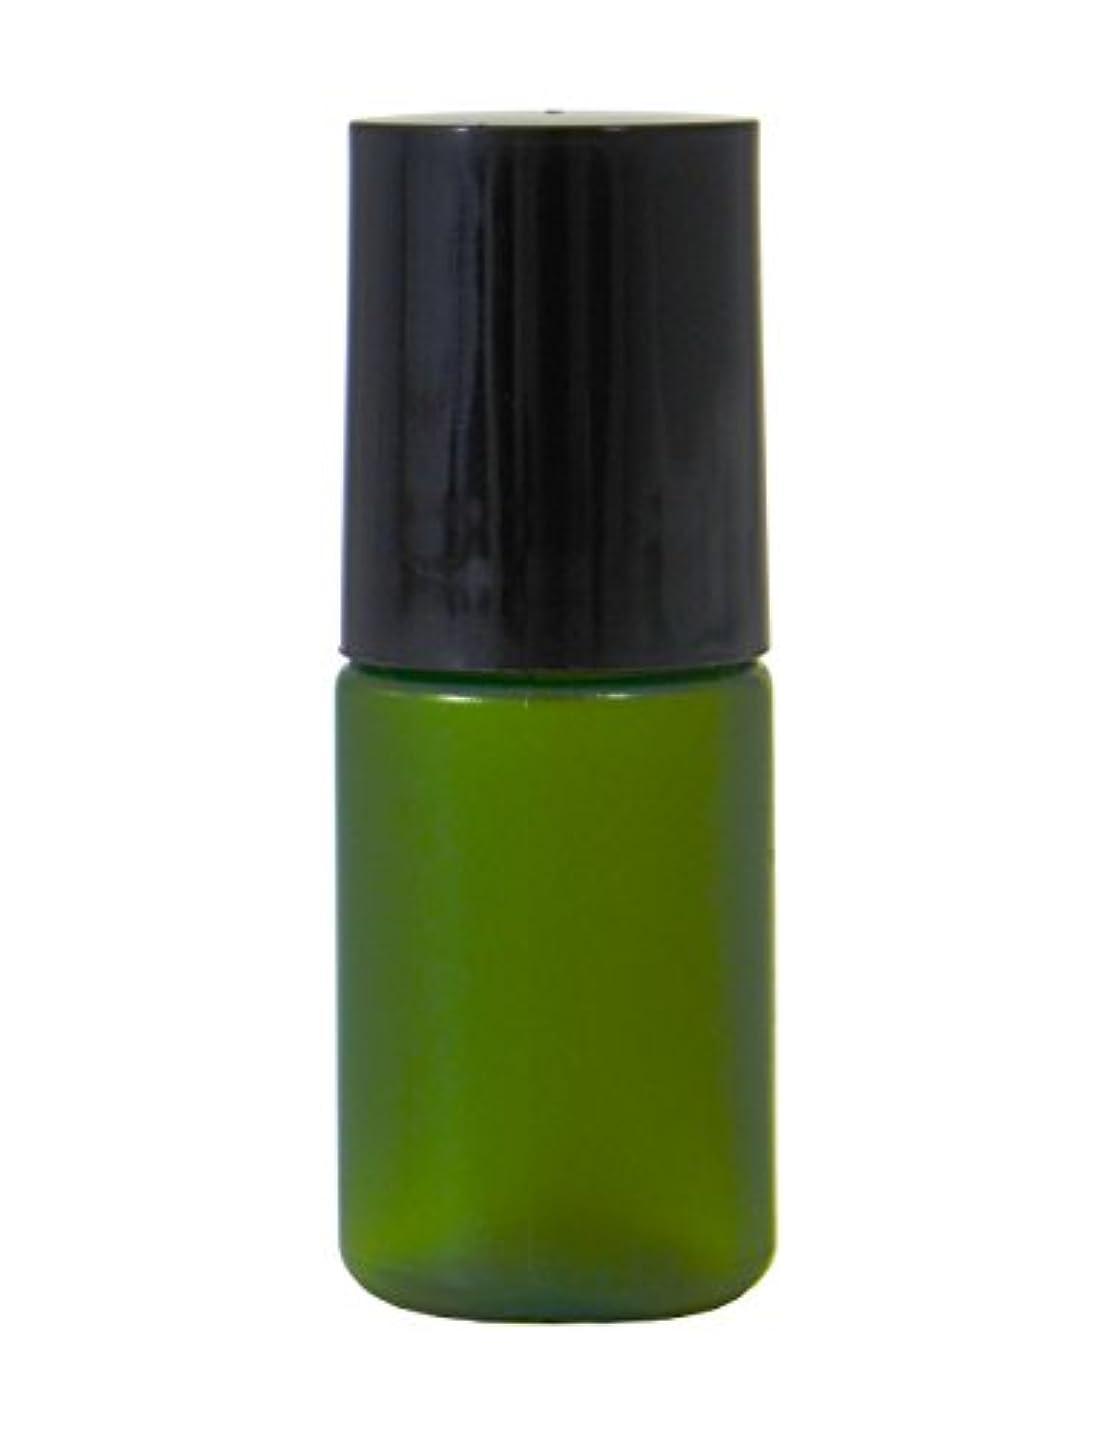 圧倒する見分ける超越するミニボトル容器 5ml グリーン (100個セット) 【化粧品容器】